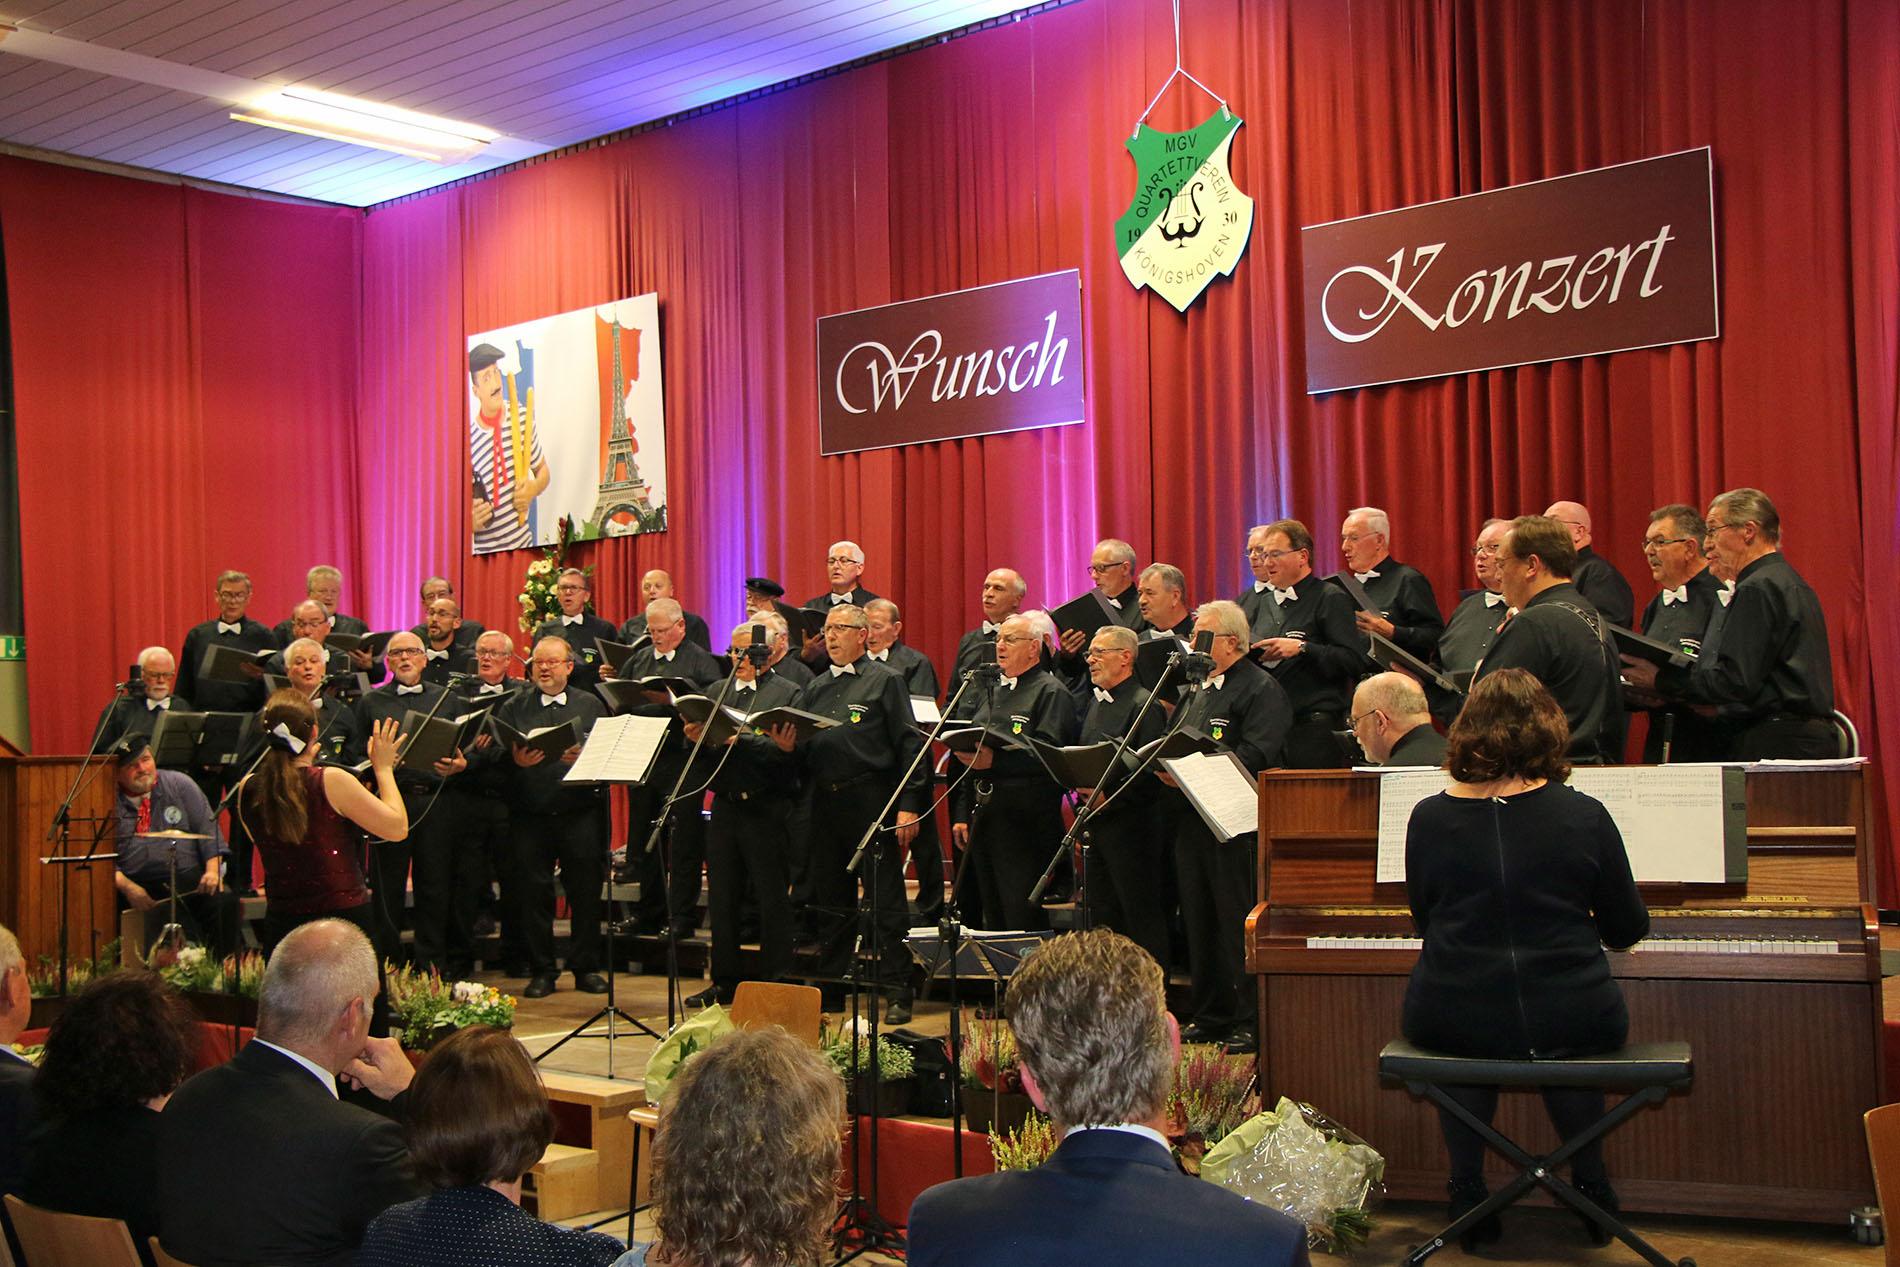 Sichtlich viel Spaß hatte der MGV Quartettverein 1930 Königshoven e. V. mit Chorleiterin Daniela Bosenius bei der diesjährigen Herbstgala in der Bürgerhalle. (Fotos: Bastian Schlößer)